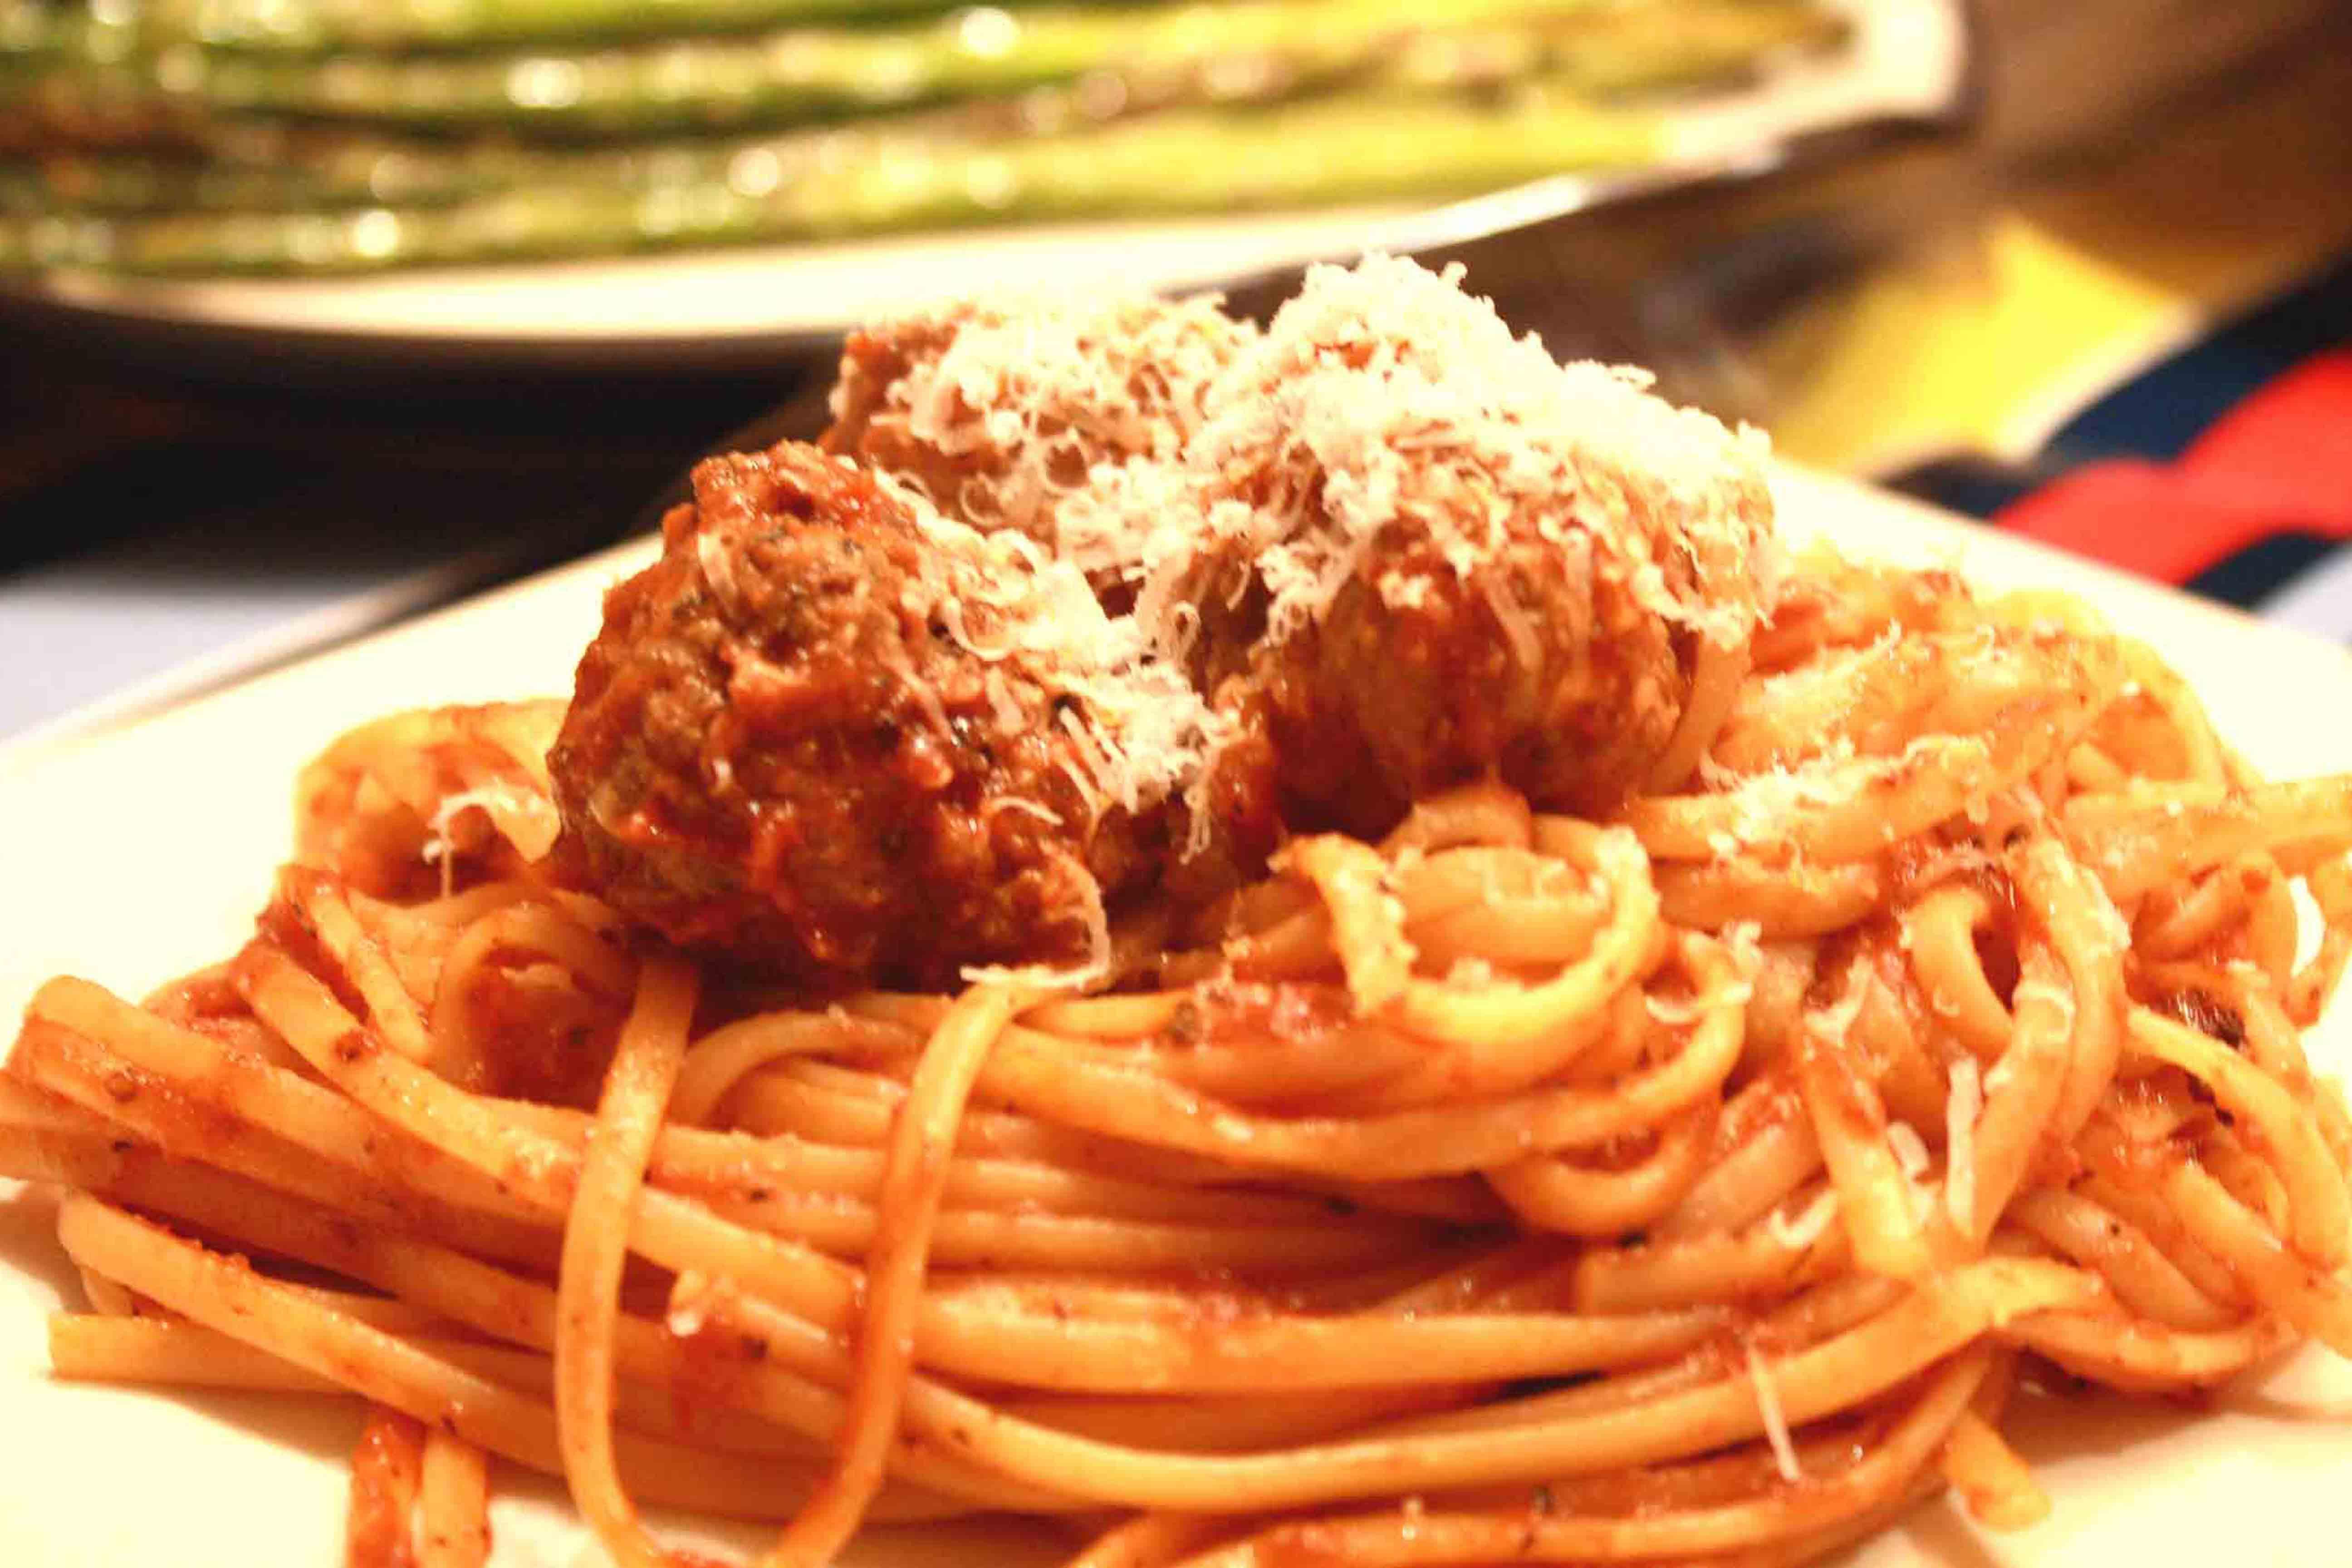 Mediazione obbligatoria: vuole gli spaghetti o il riso?